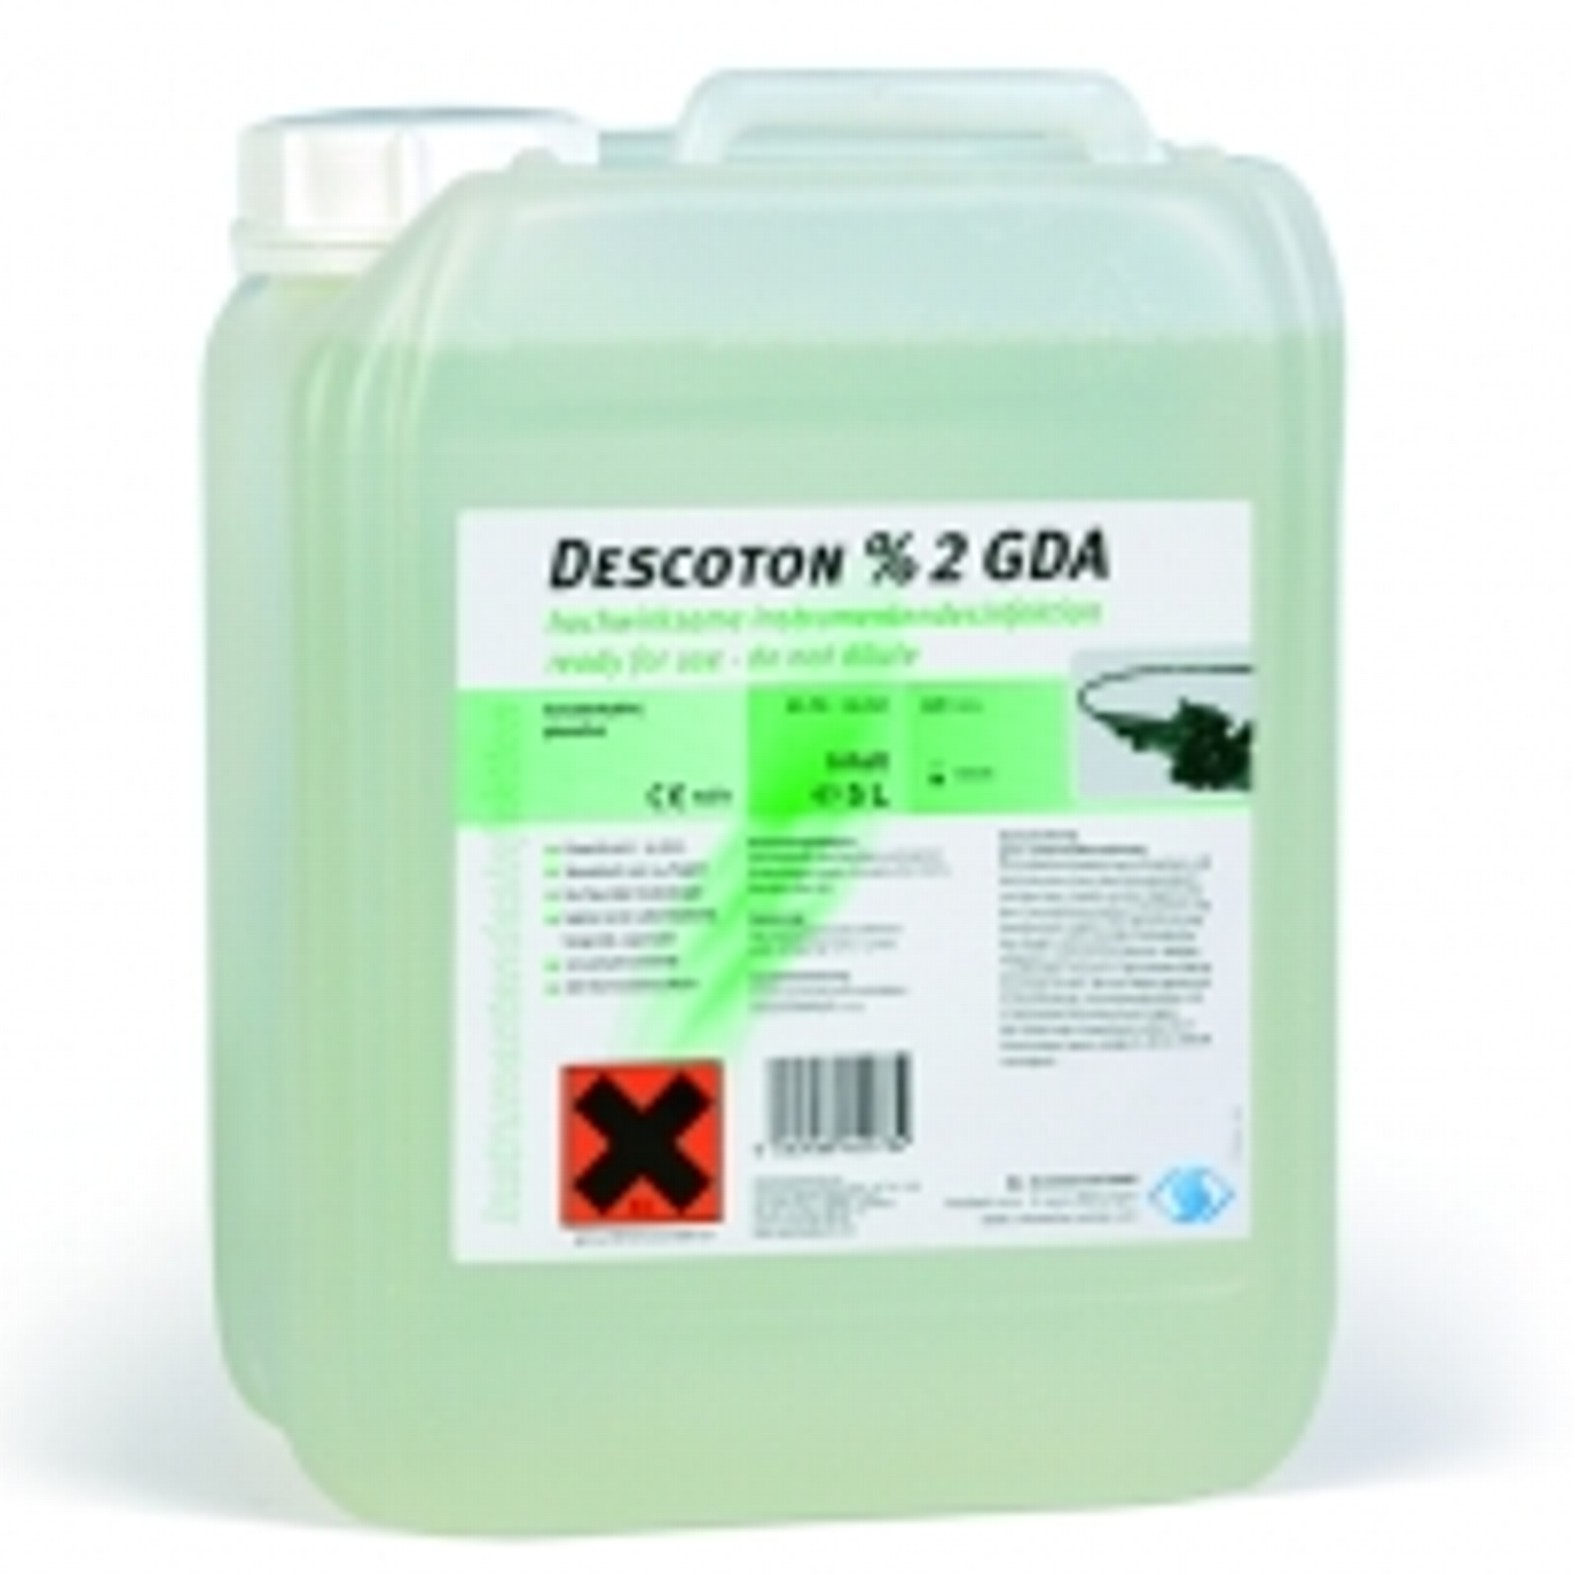 DESCOTON 2 % GDA, 5 L műszer- éa endoscop fertőtlenítő